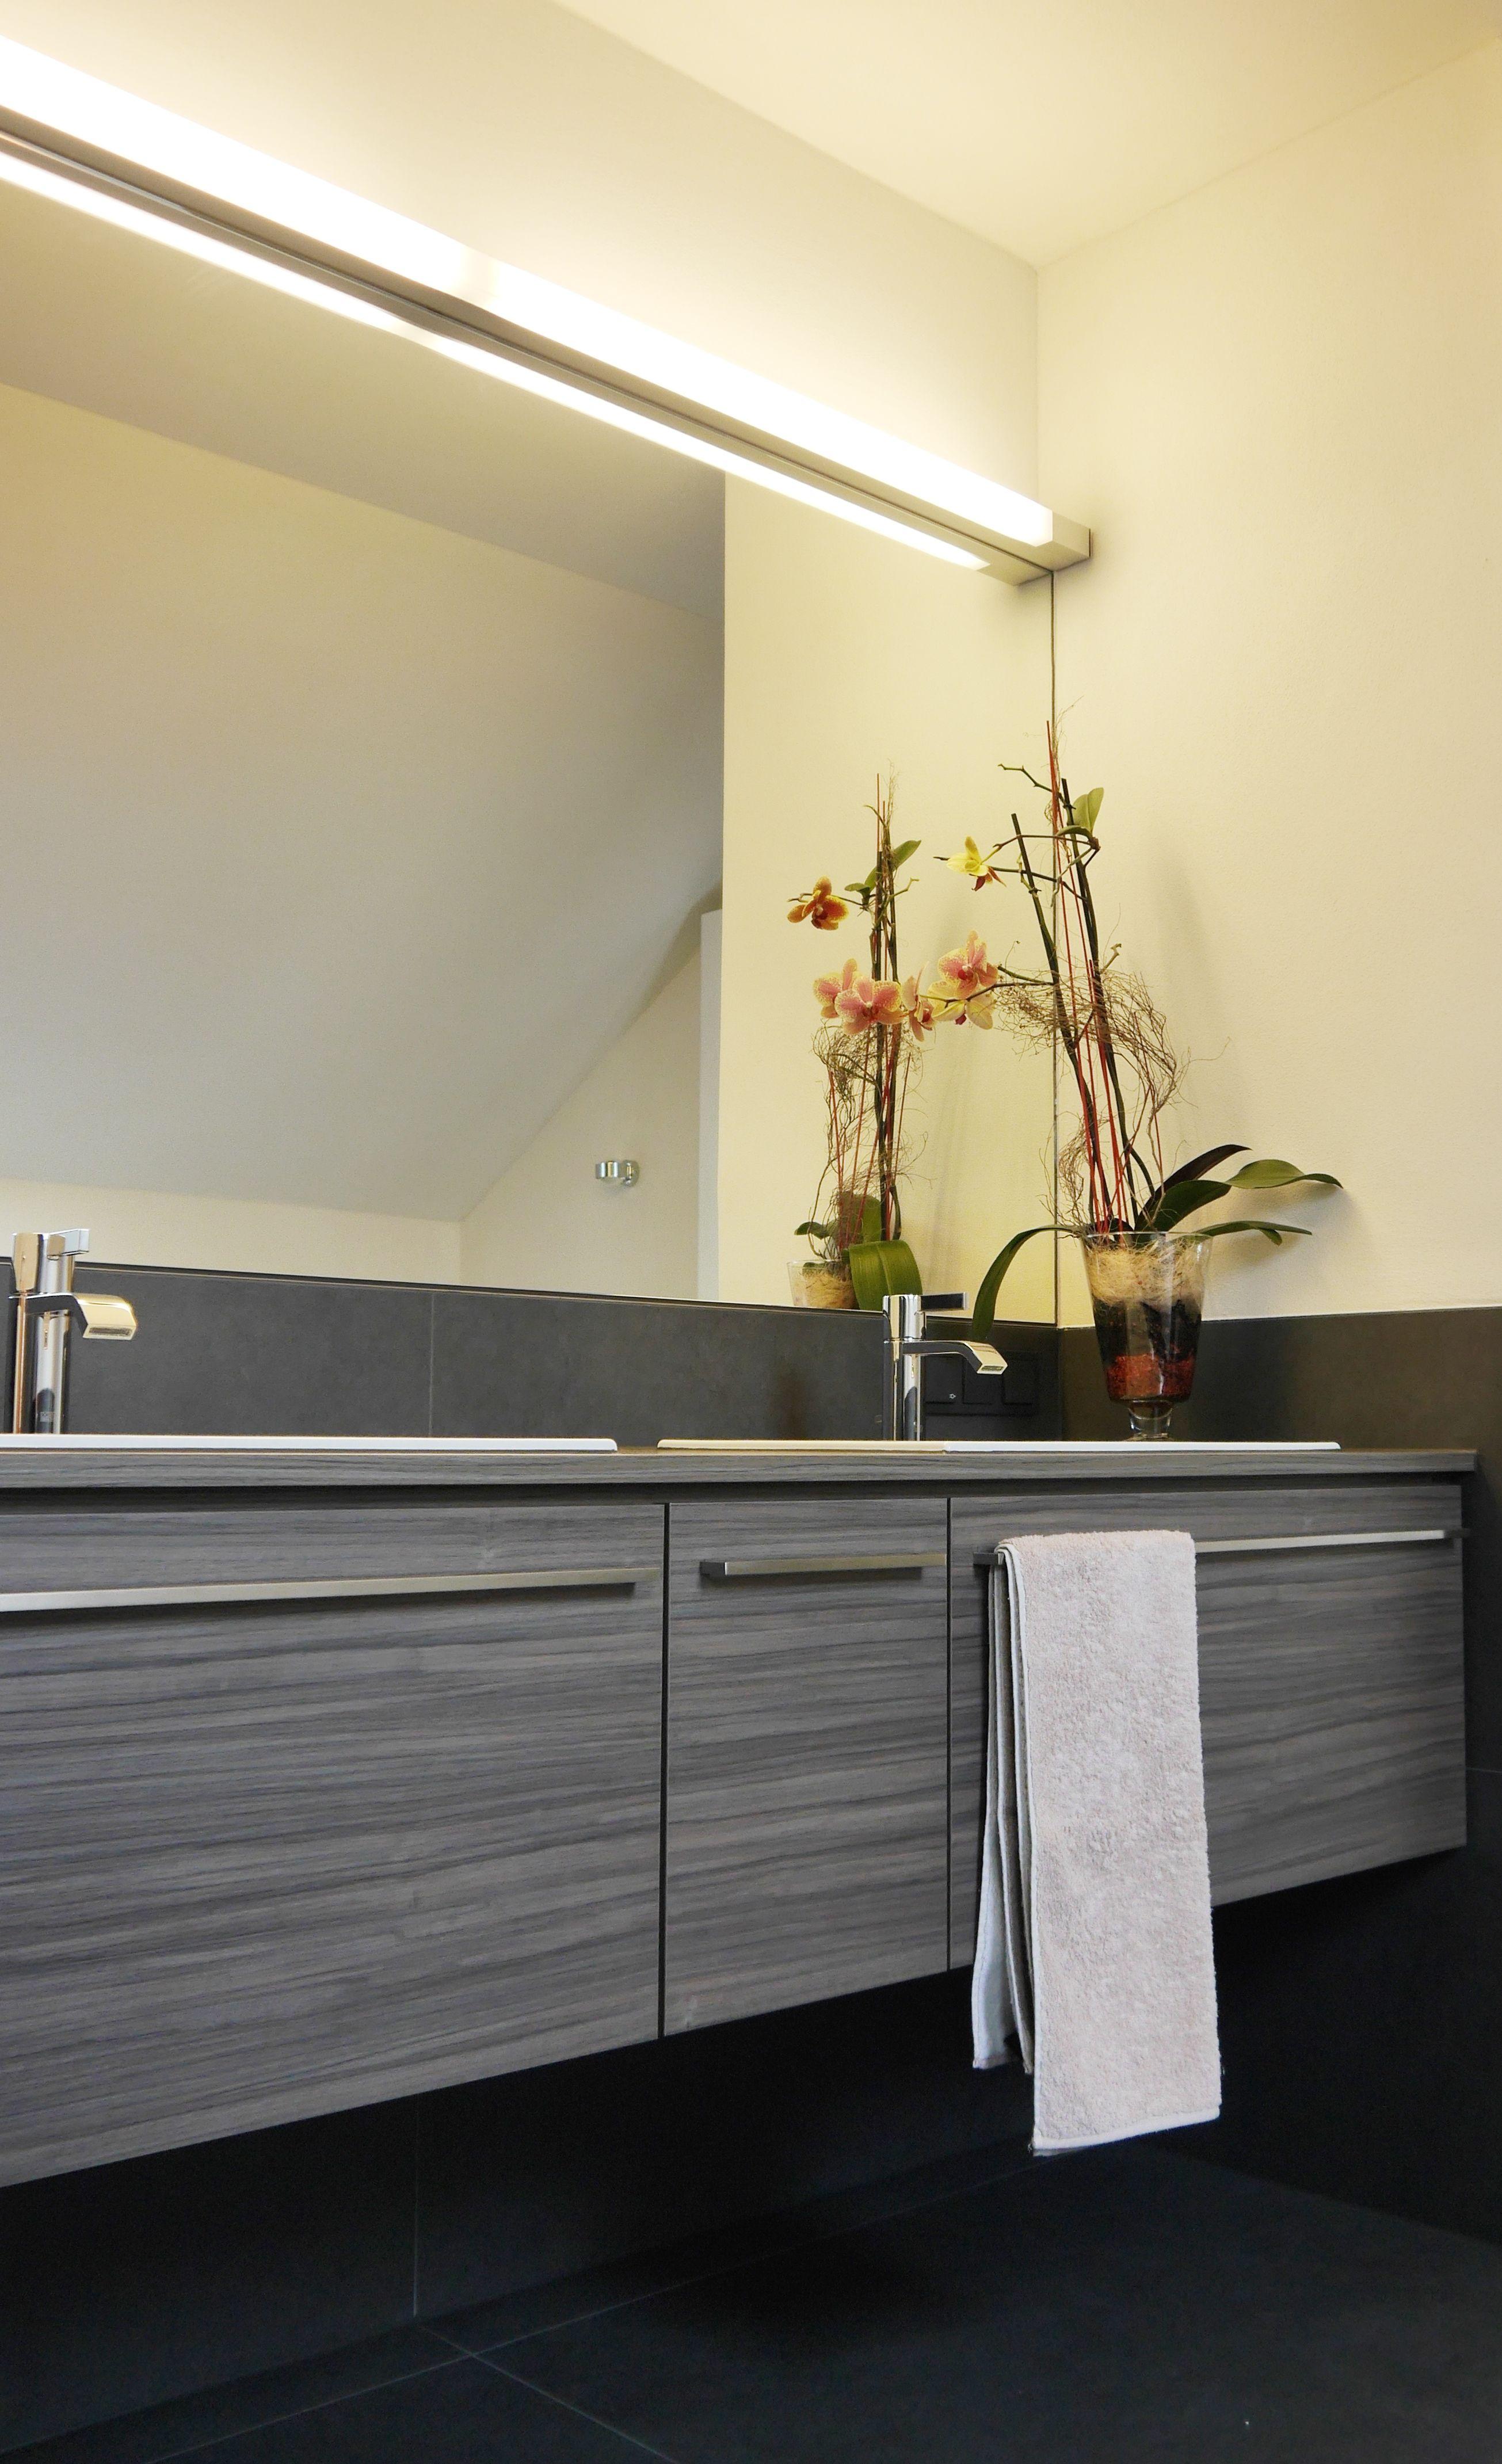 Waschtisch Mit Spiegel Innenarchitektur Spiegel Waschtisch